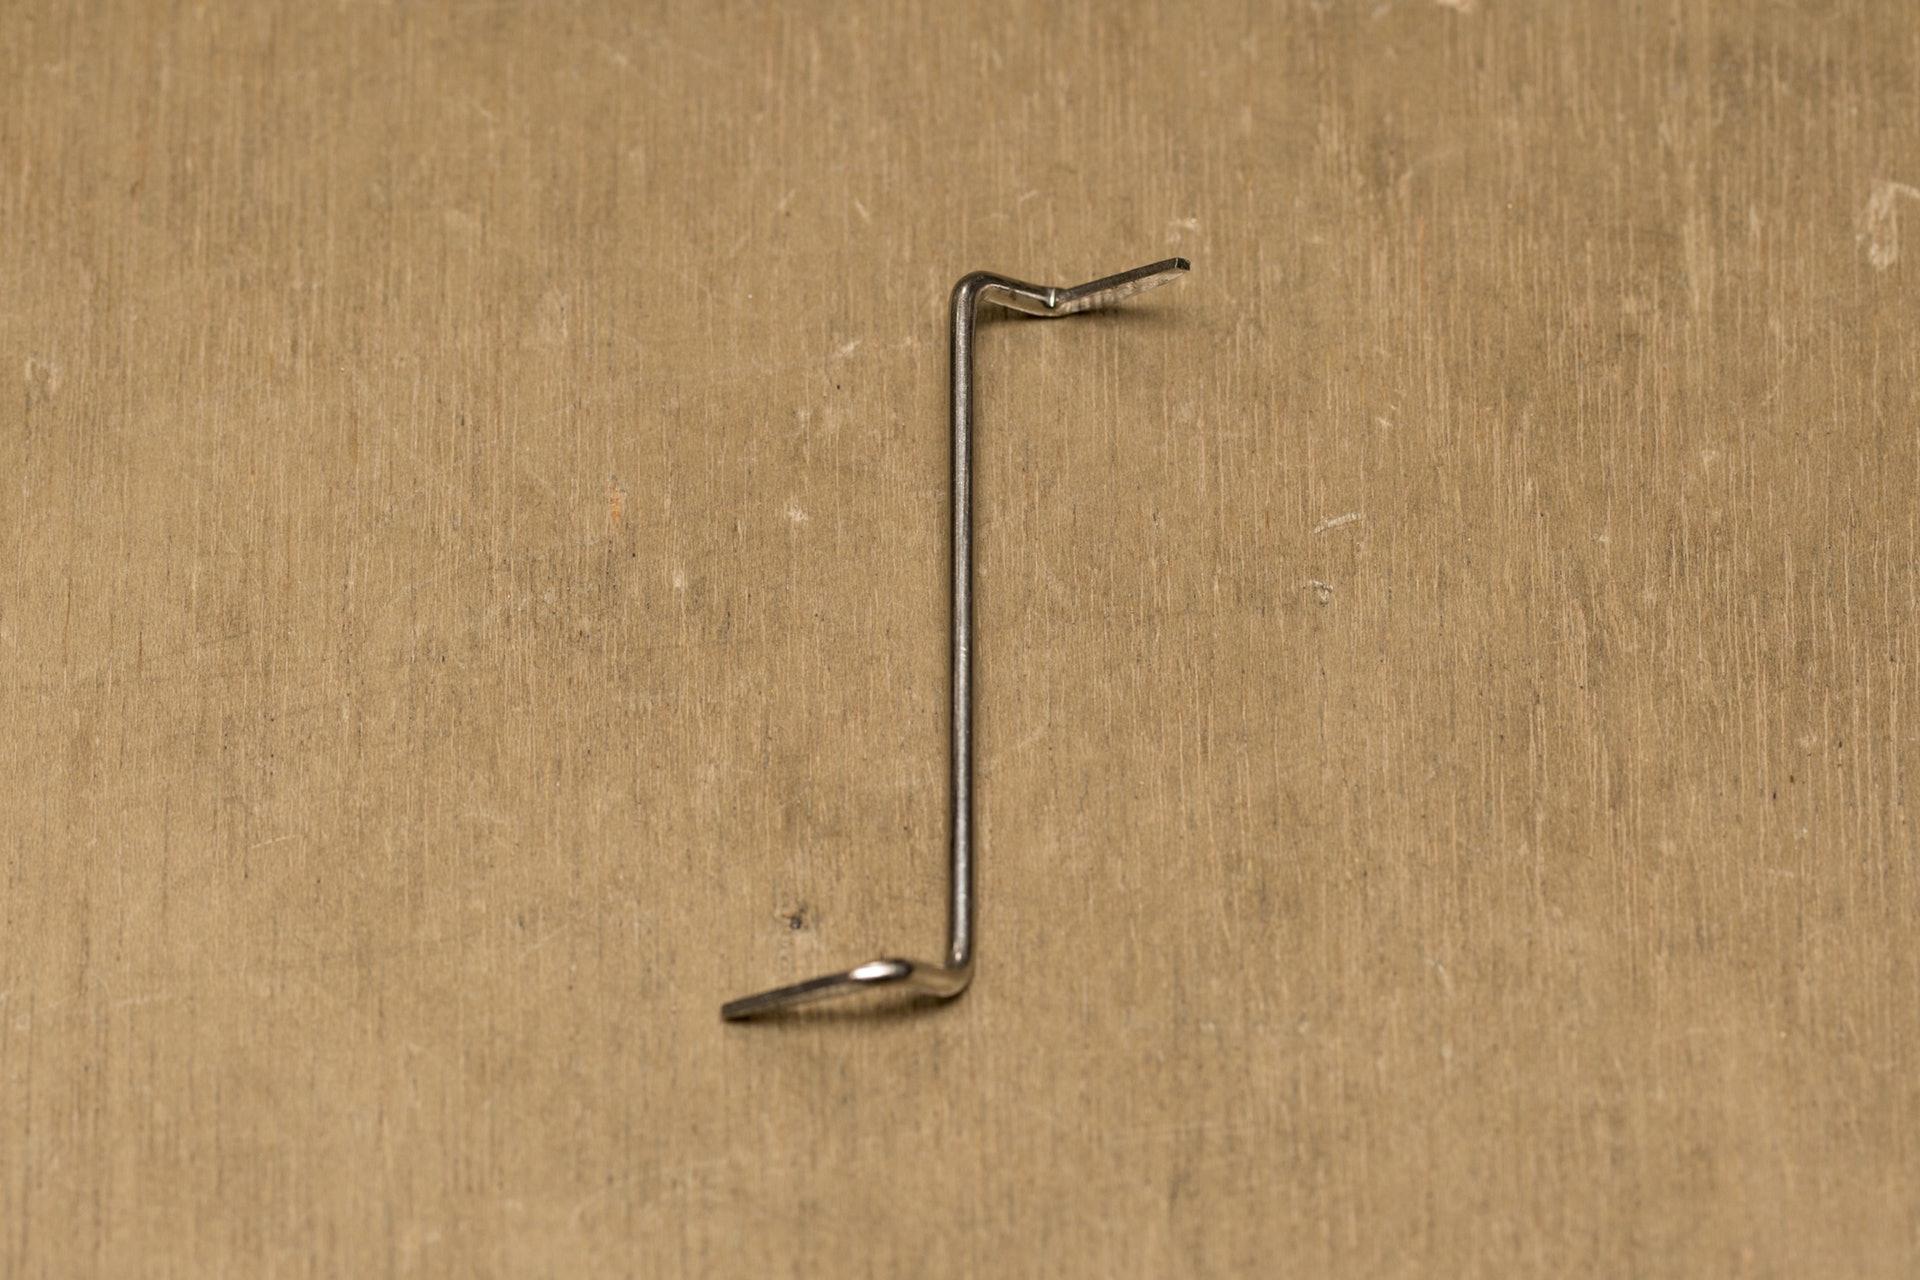 這是黃瑞昌最心愛的膽手,根據自己的開鎖手法,由橫鎖膽改裝而成。